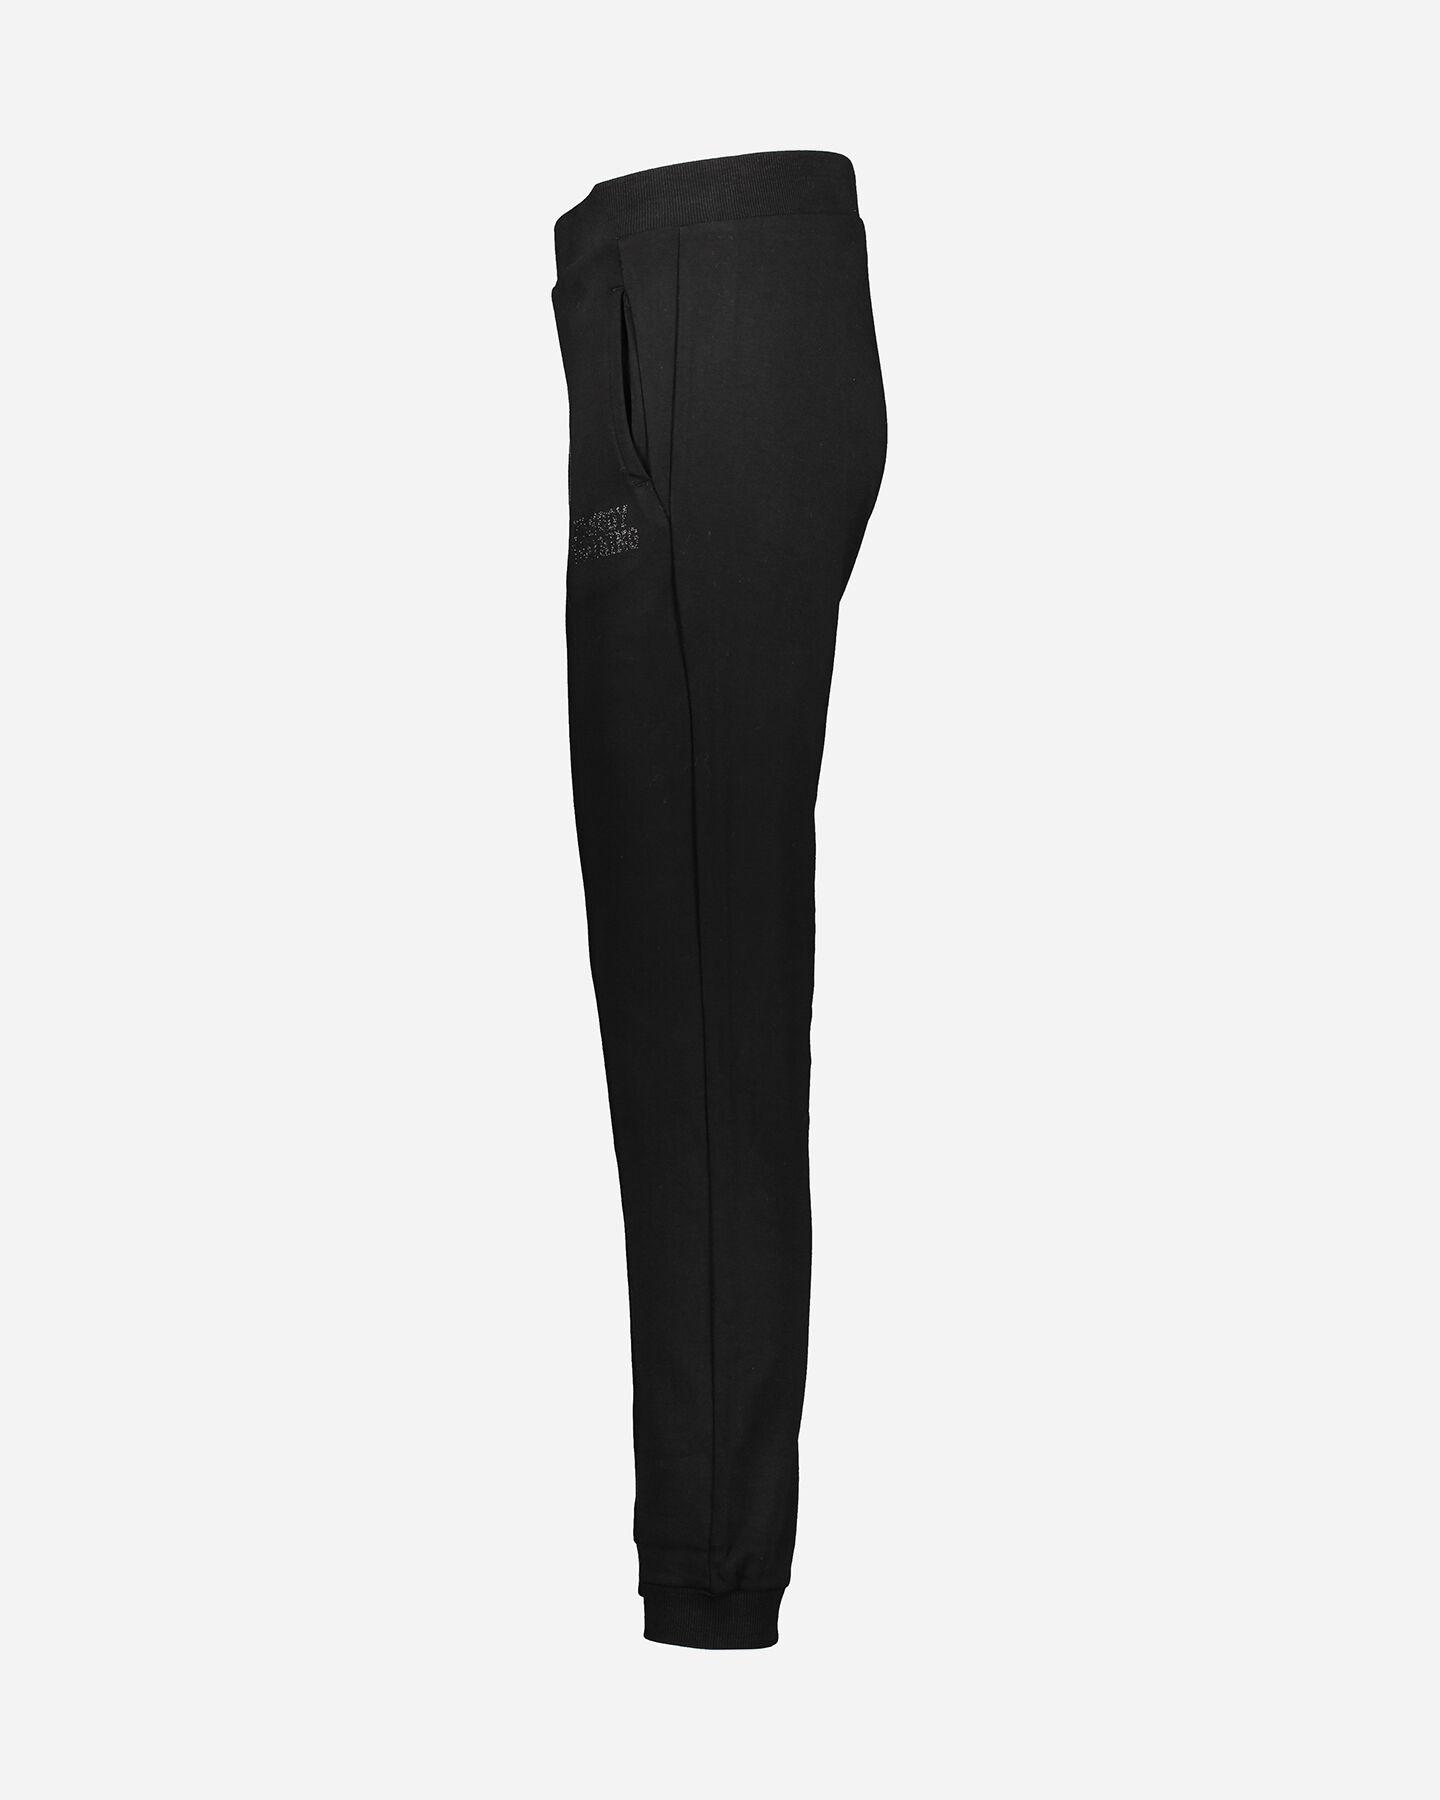 Pantalone FREDDY STRAIGHT INTERLOCK W S5245261 scatto 1